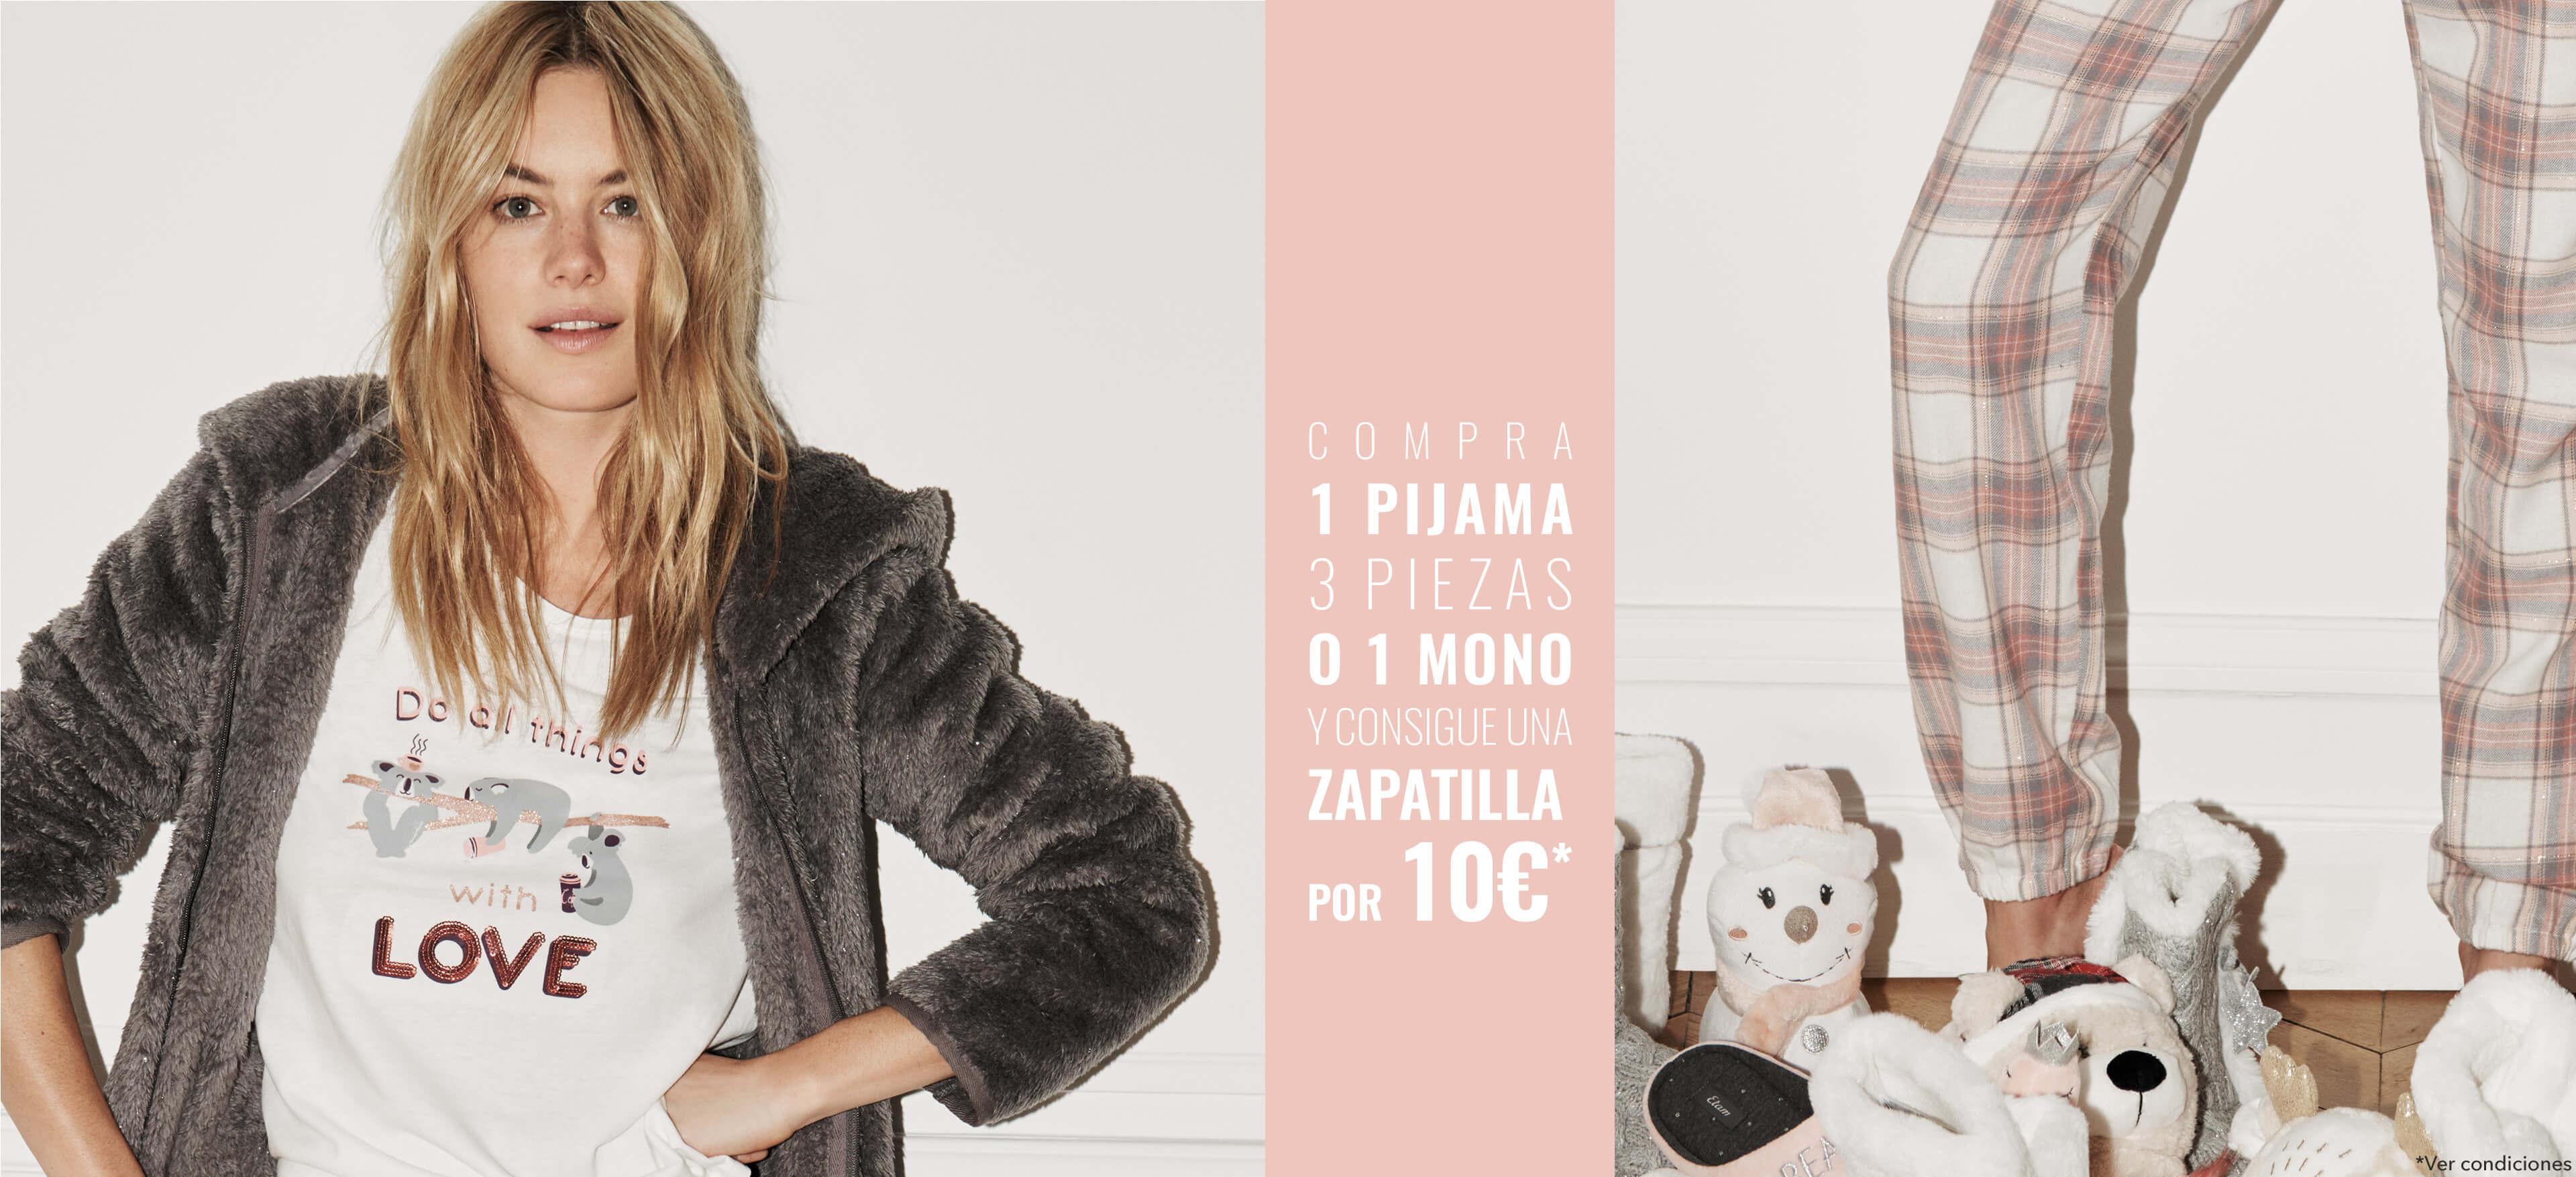 Compra 1 pijama 3 piezas O 1 MONO y consigue una zapatilla por 10€*